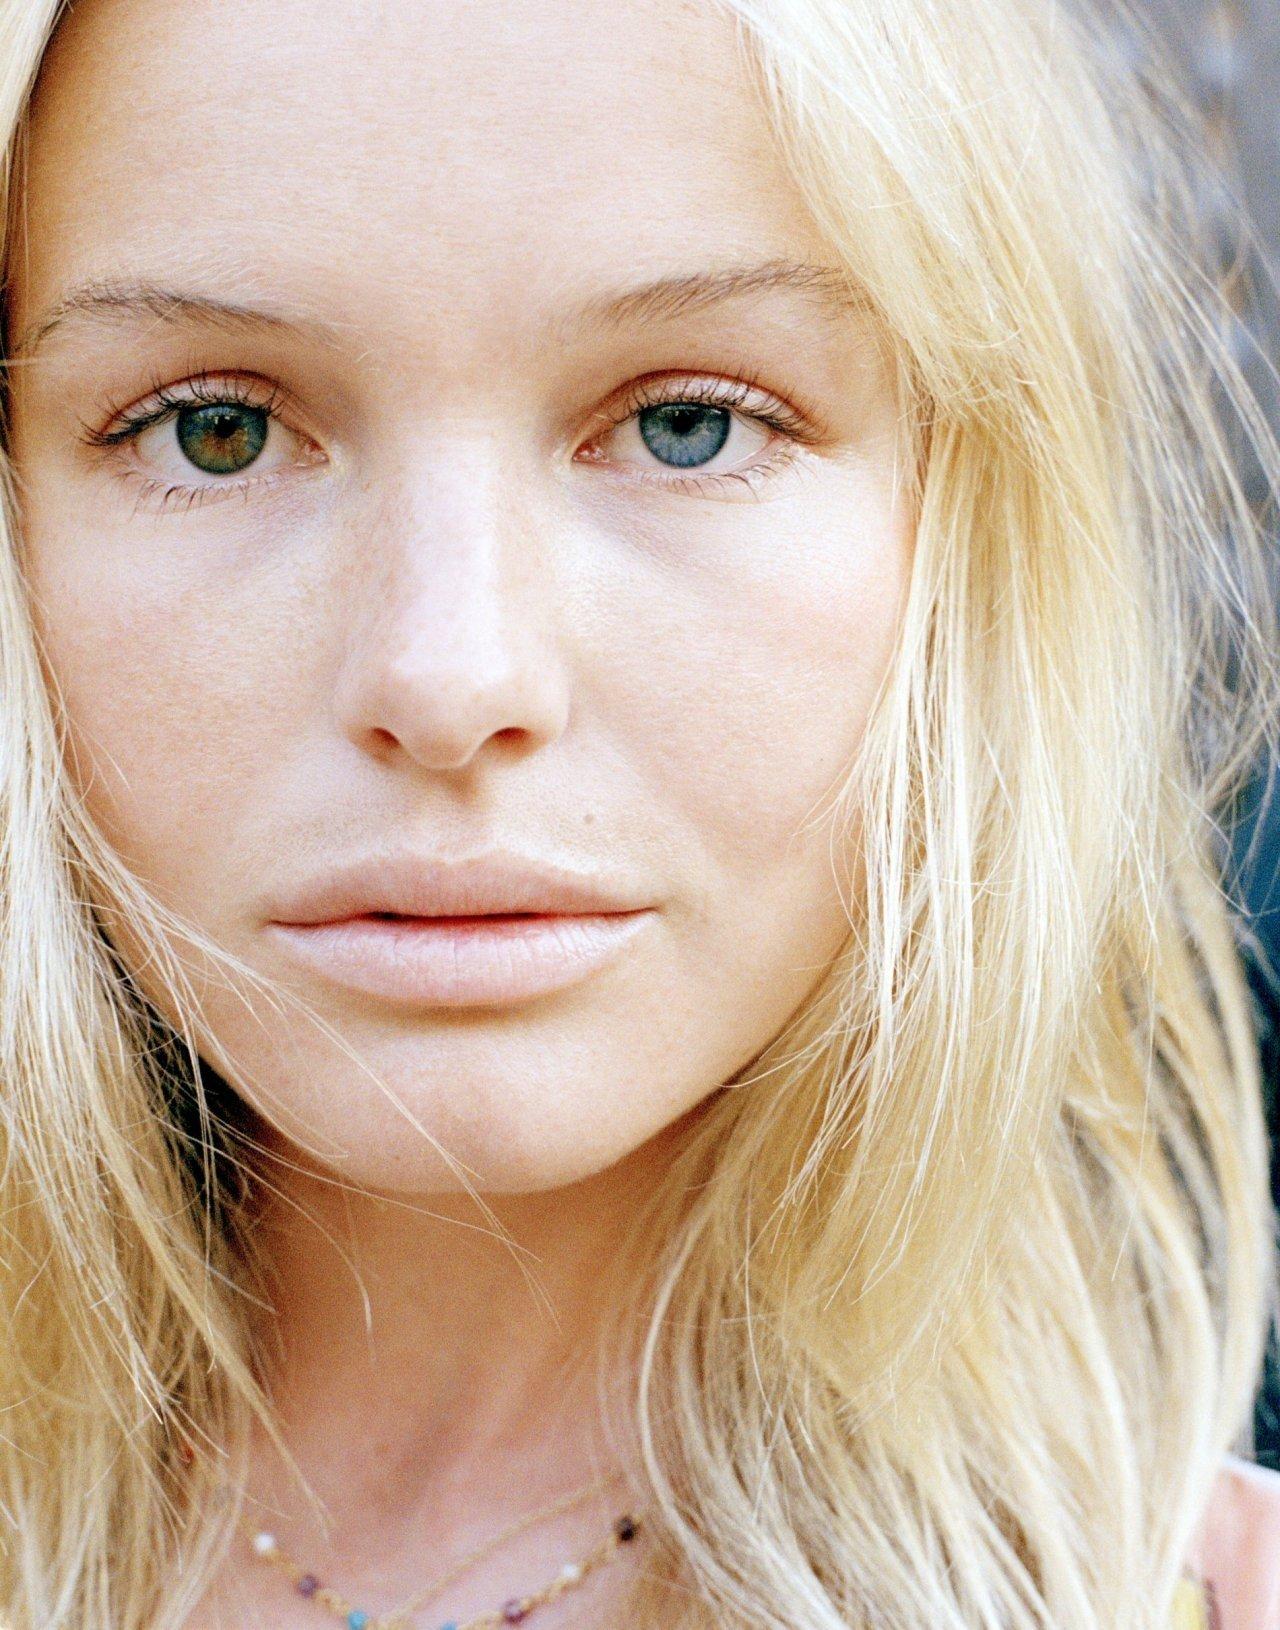 результате самые разноцветные глаза у людей фото вас